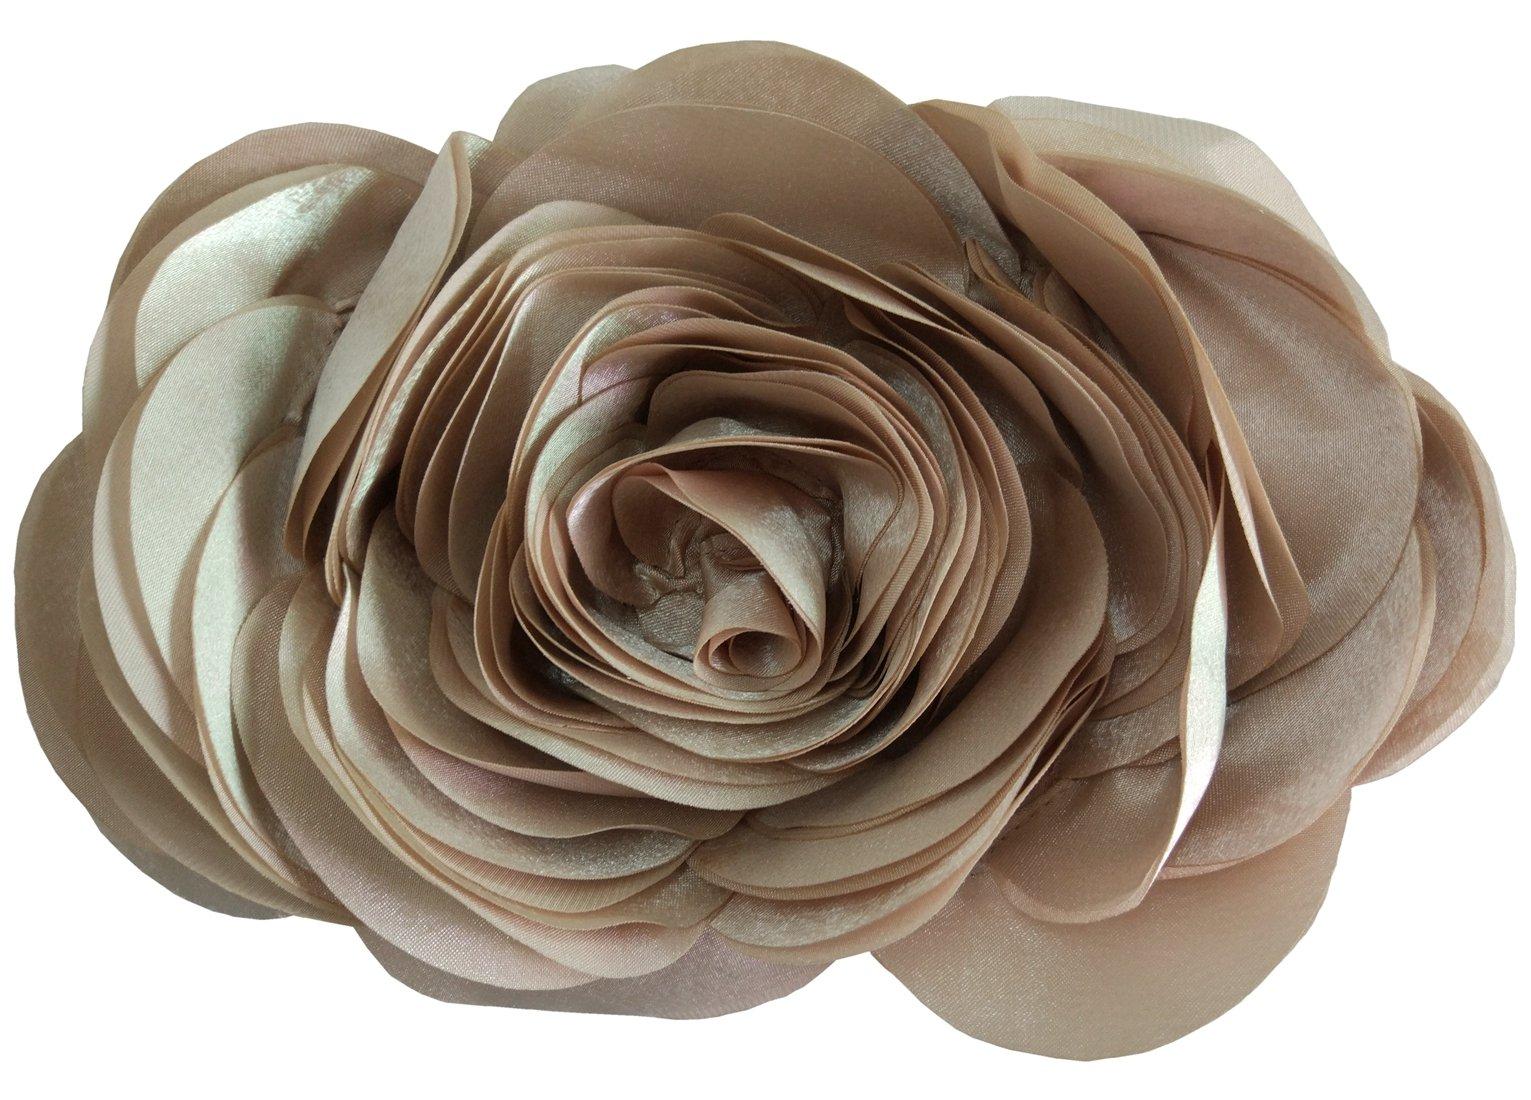 Bywen Womens Rose Pattern Purse Party Clutch Shoulder Bags Beige